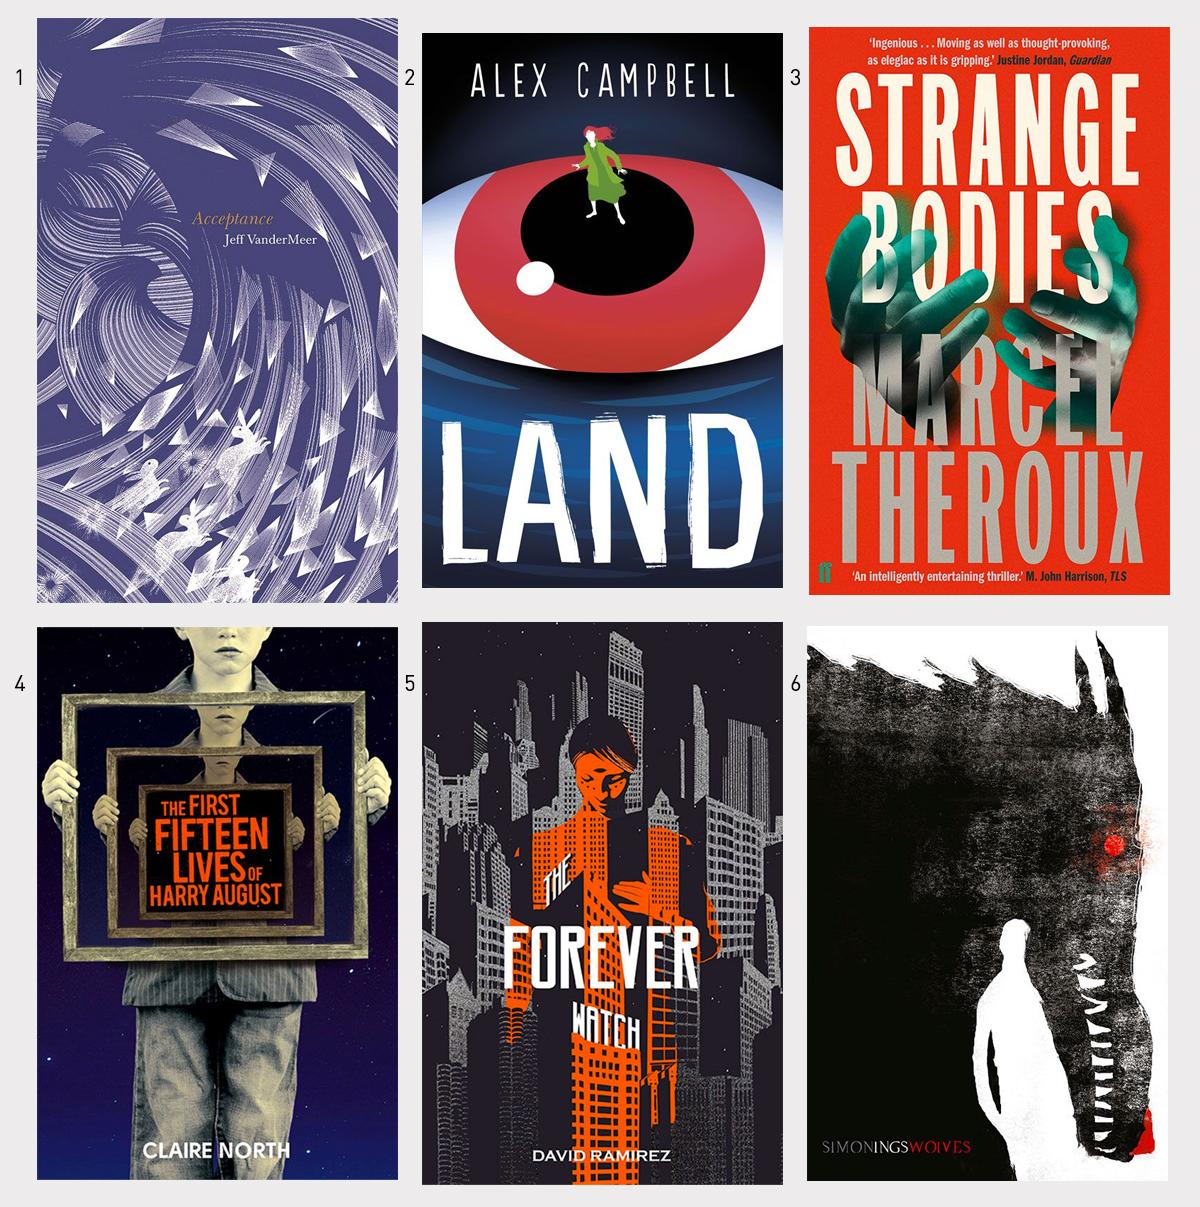 abcoverd-sci-fi-fantasy-2015-booketing